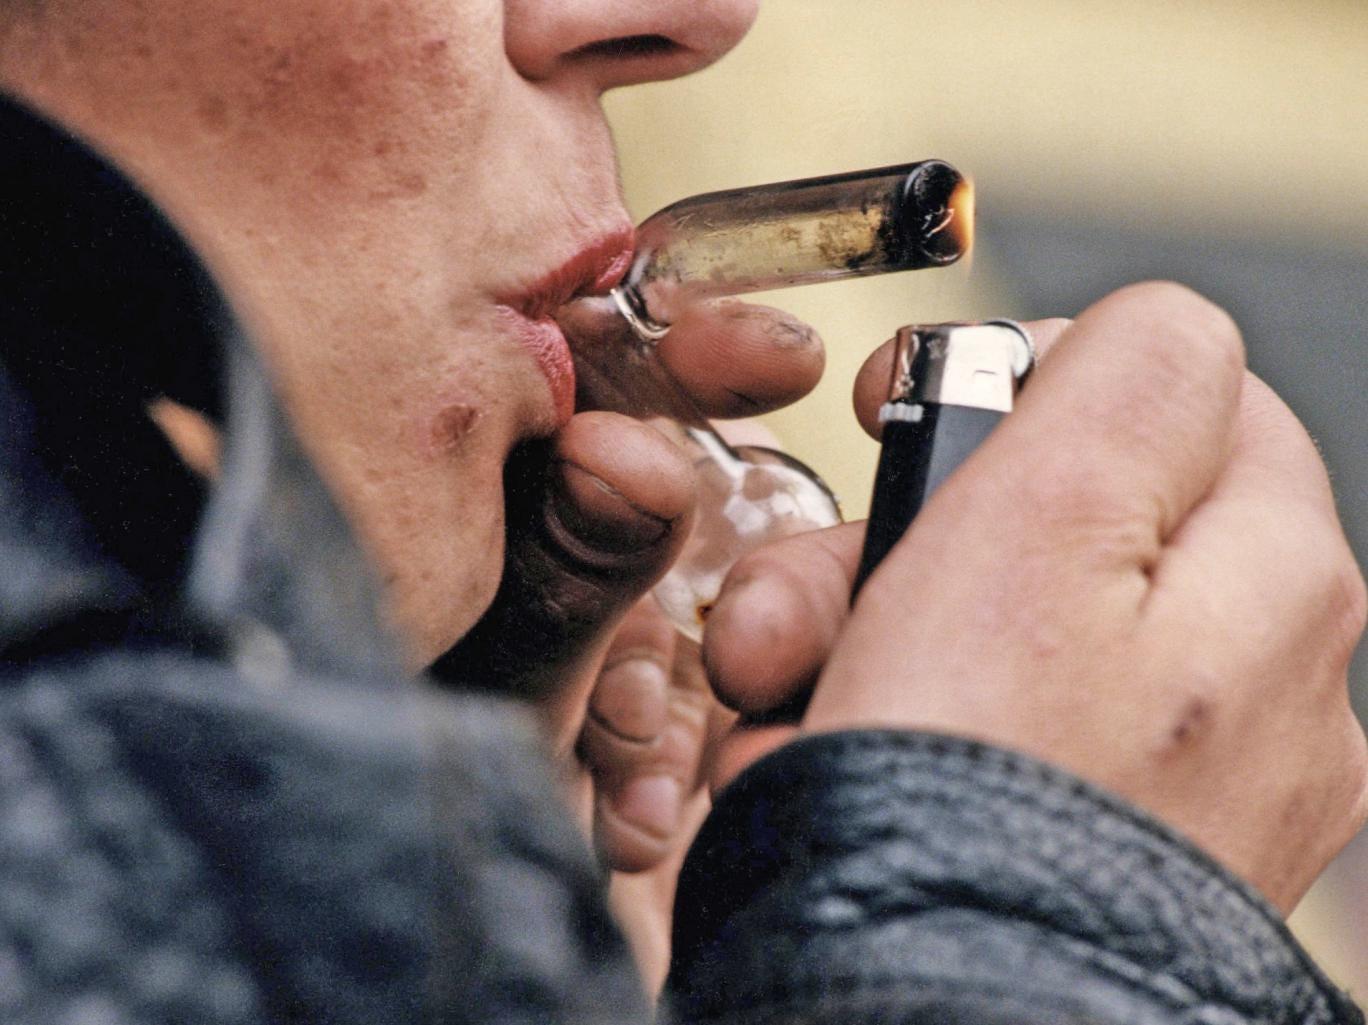 A drug addict smoking a crack pipe